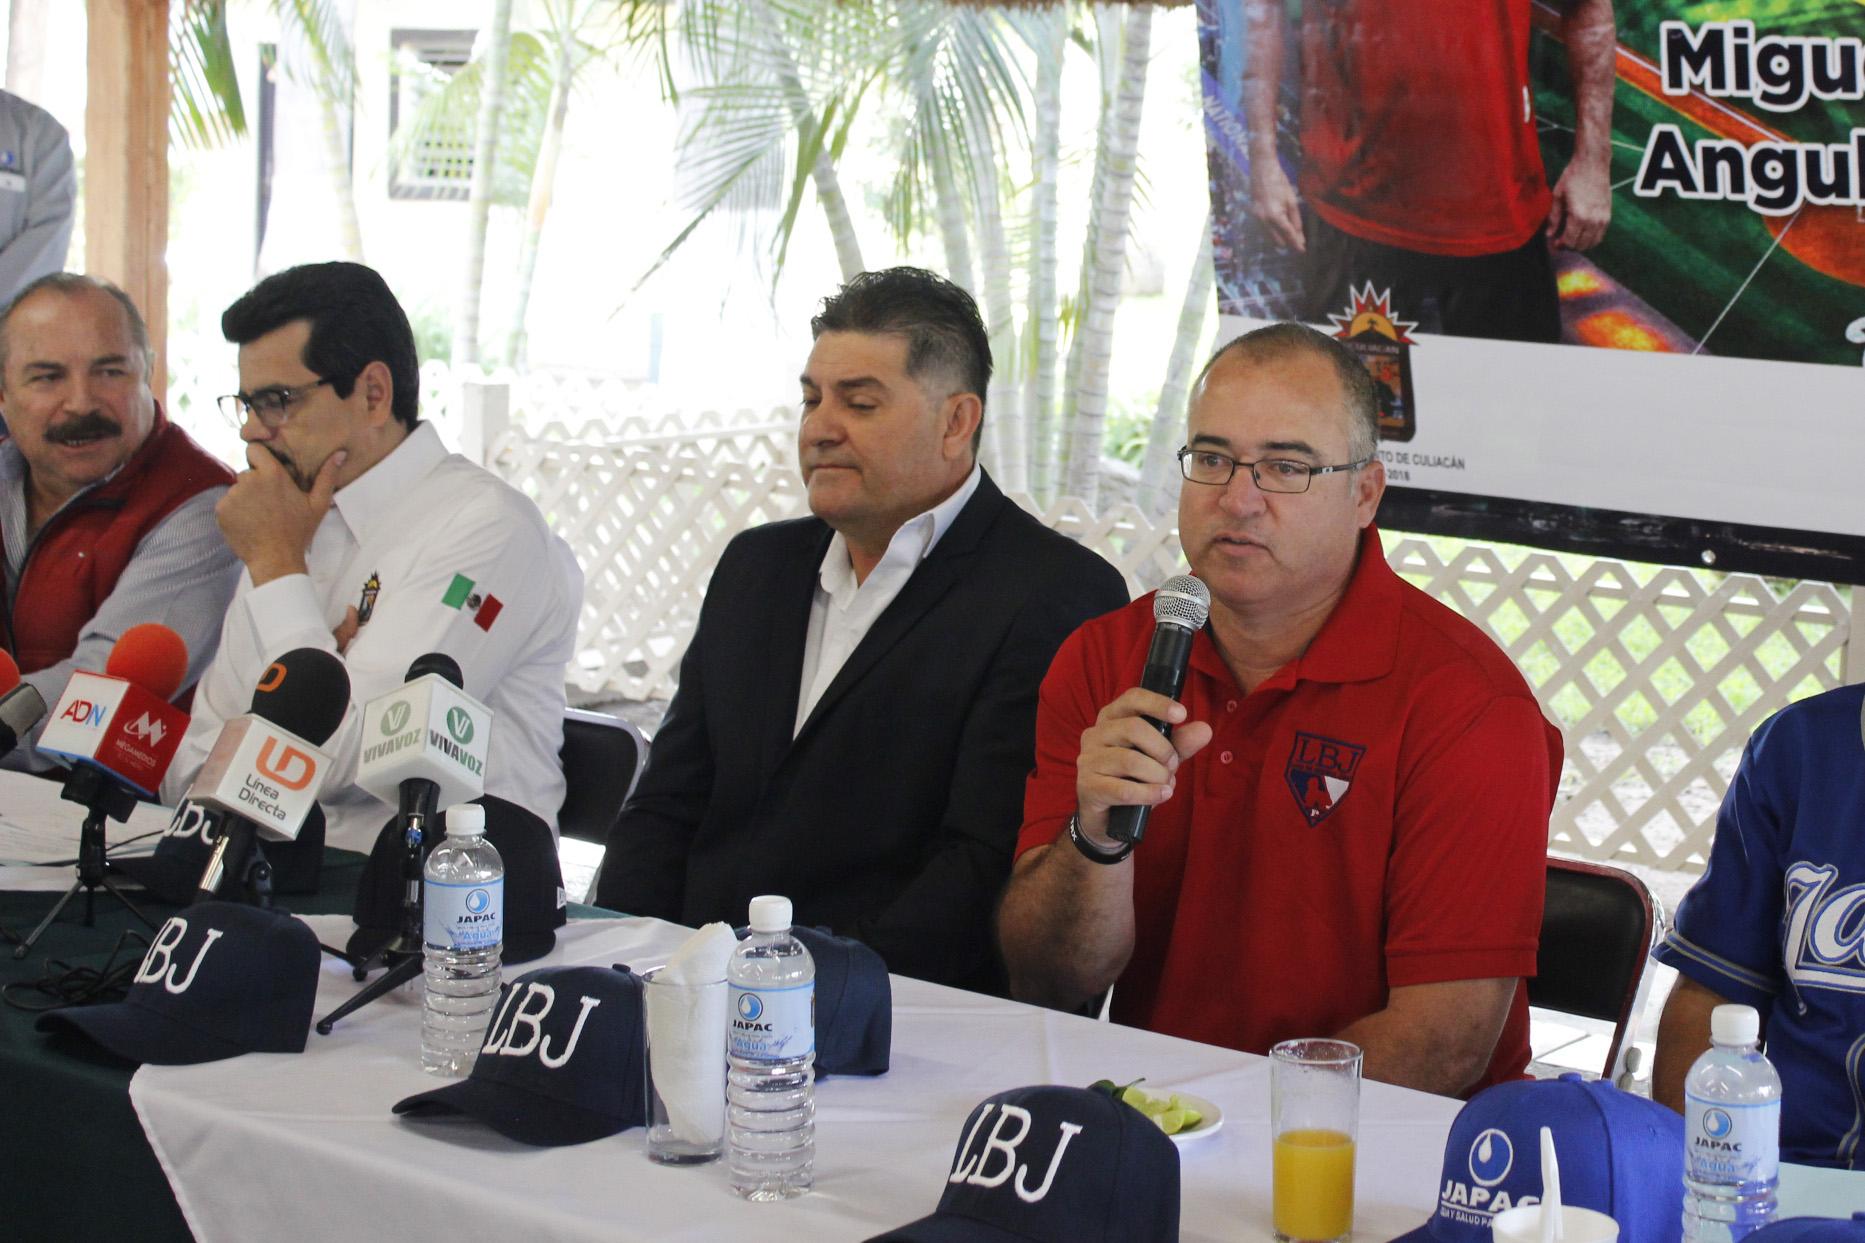 JAPAC-Noticias-conferencia-de-prensa-04